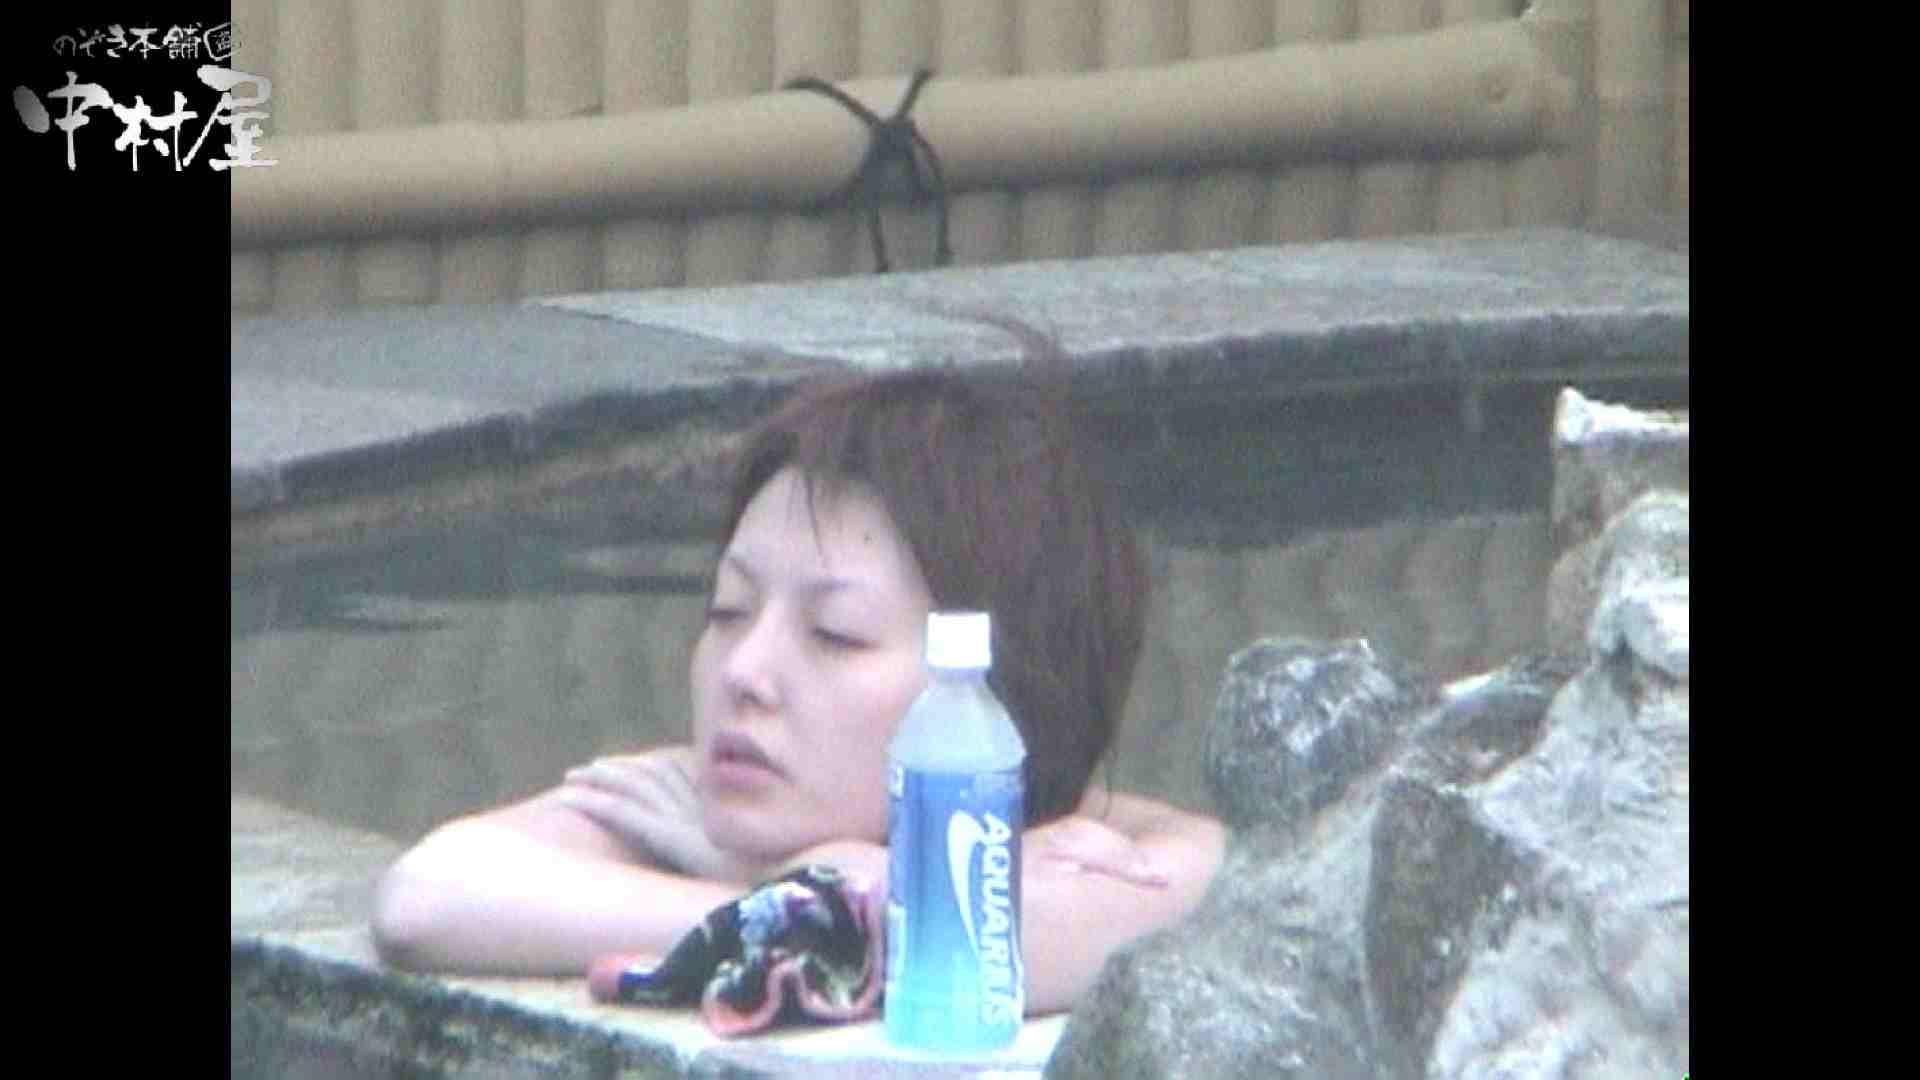 Aquaな露天風呂Vol.959 盗撮 | OLのエロ生活  42連発 16